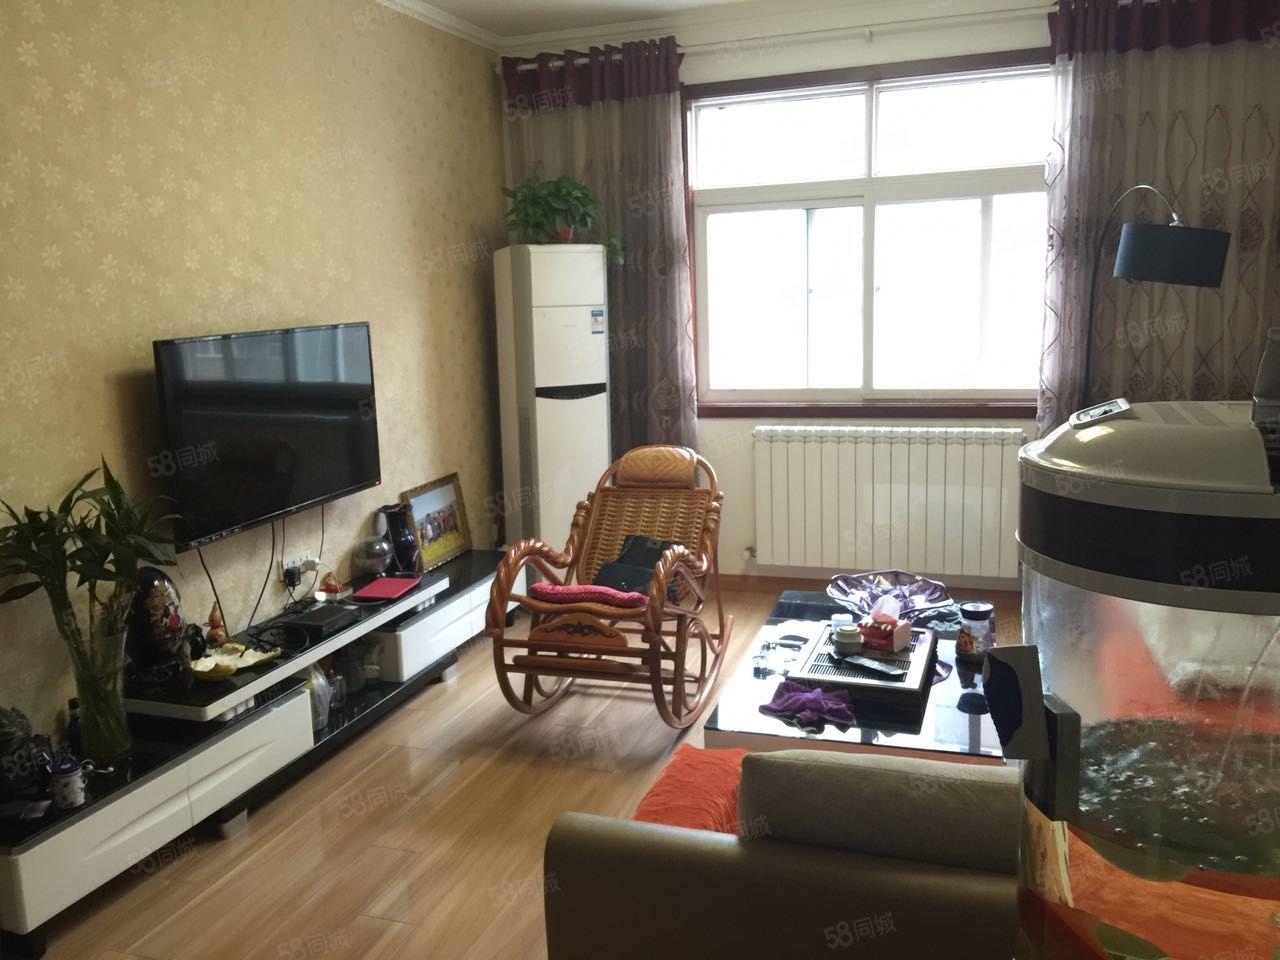 联合花园精装三房,带地暖,家具家电全送,真实图片!机会仅此一